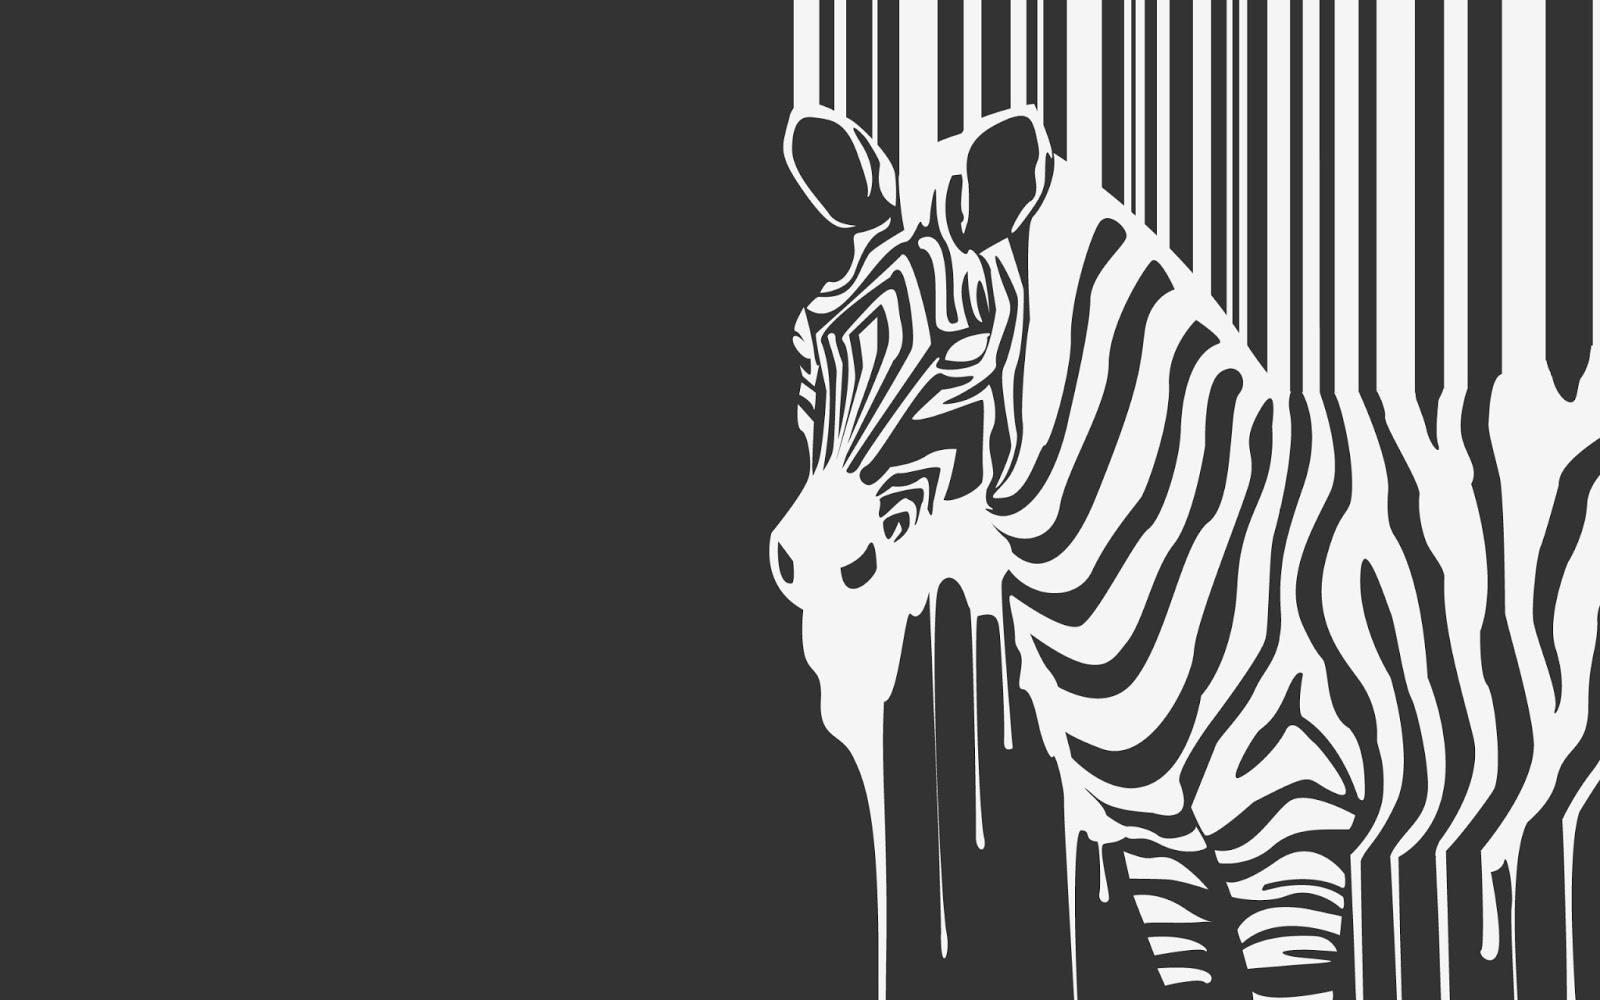 http://1.bp.blogspot.com/-7zNHY90_Kqg/UPgNBTBX7eI/AAAAAAAAzrY/FBLHrh-7lCc/s1600/Zebra-Wallpaper-Abstrato_Fondos-de-Pantalla-de-Animales.jpg